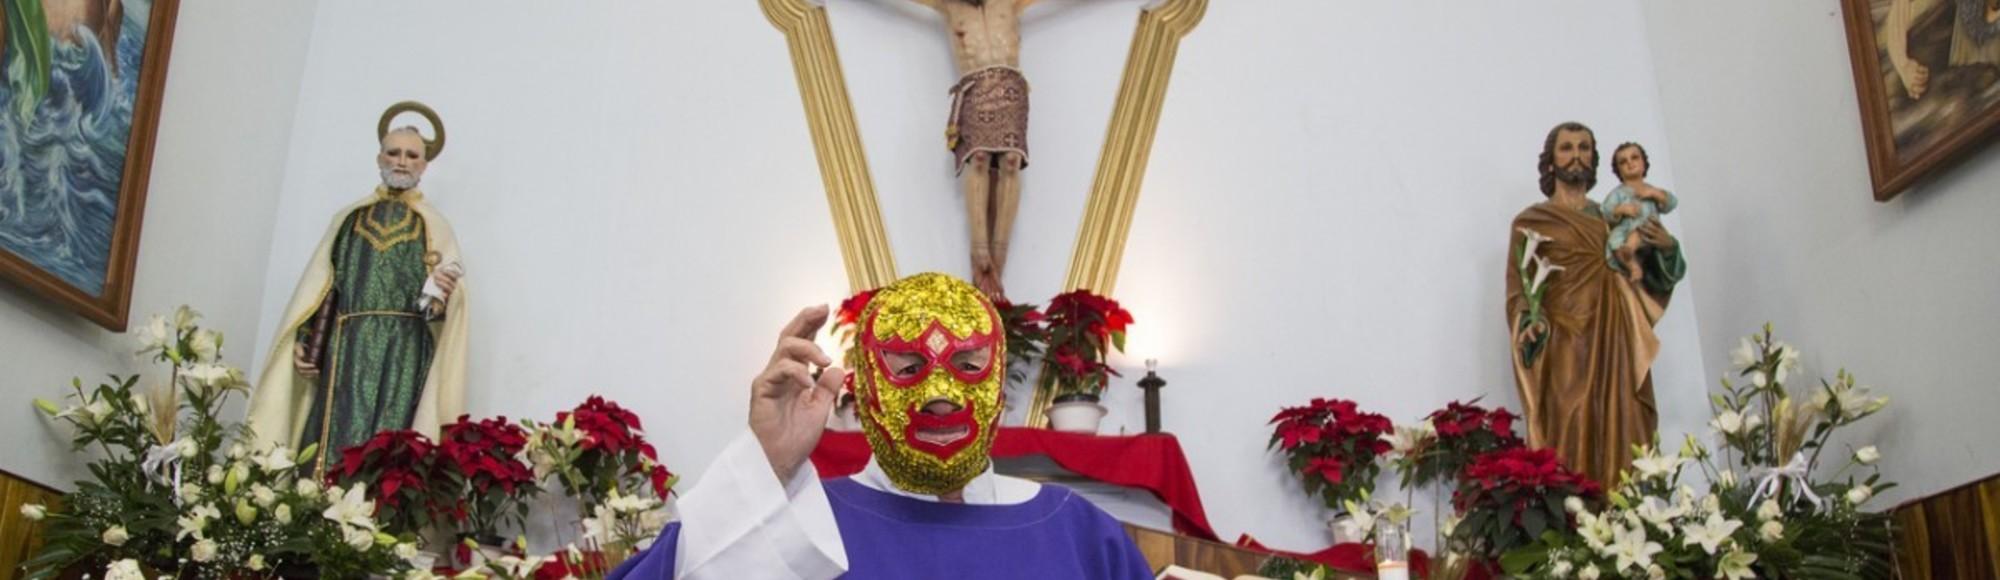 Las noches locas en Roma de los sacerdotes homosexuales